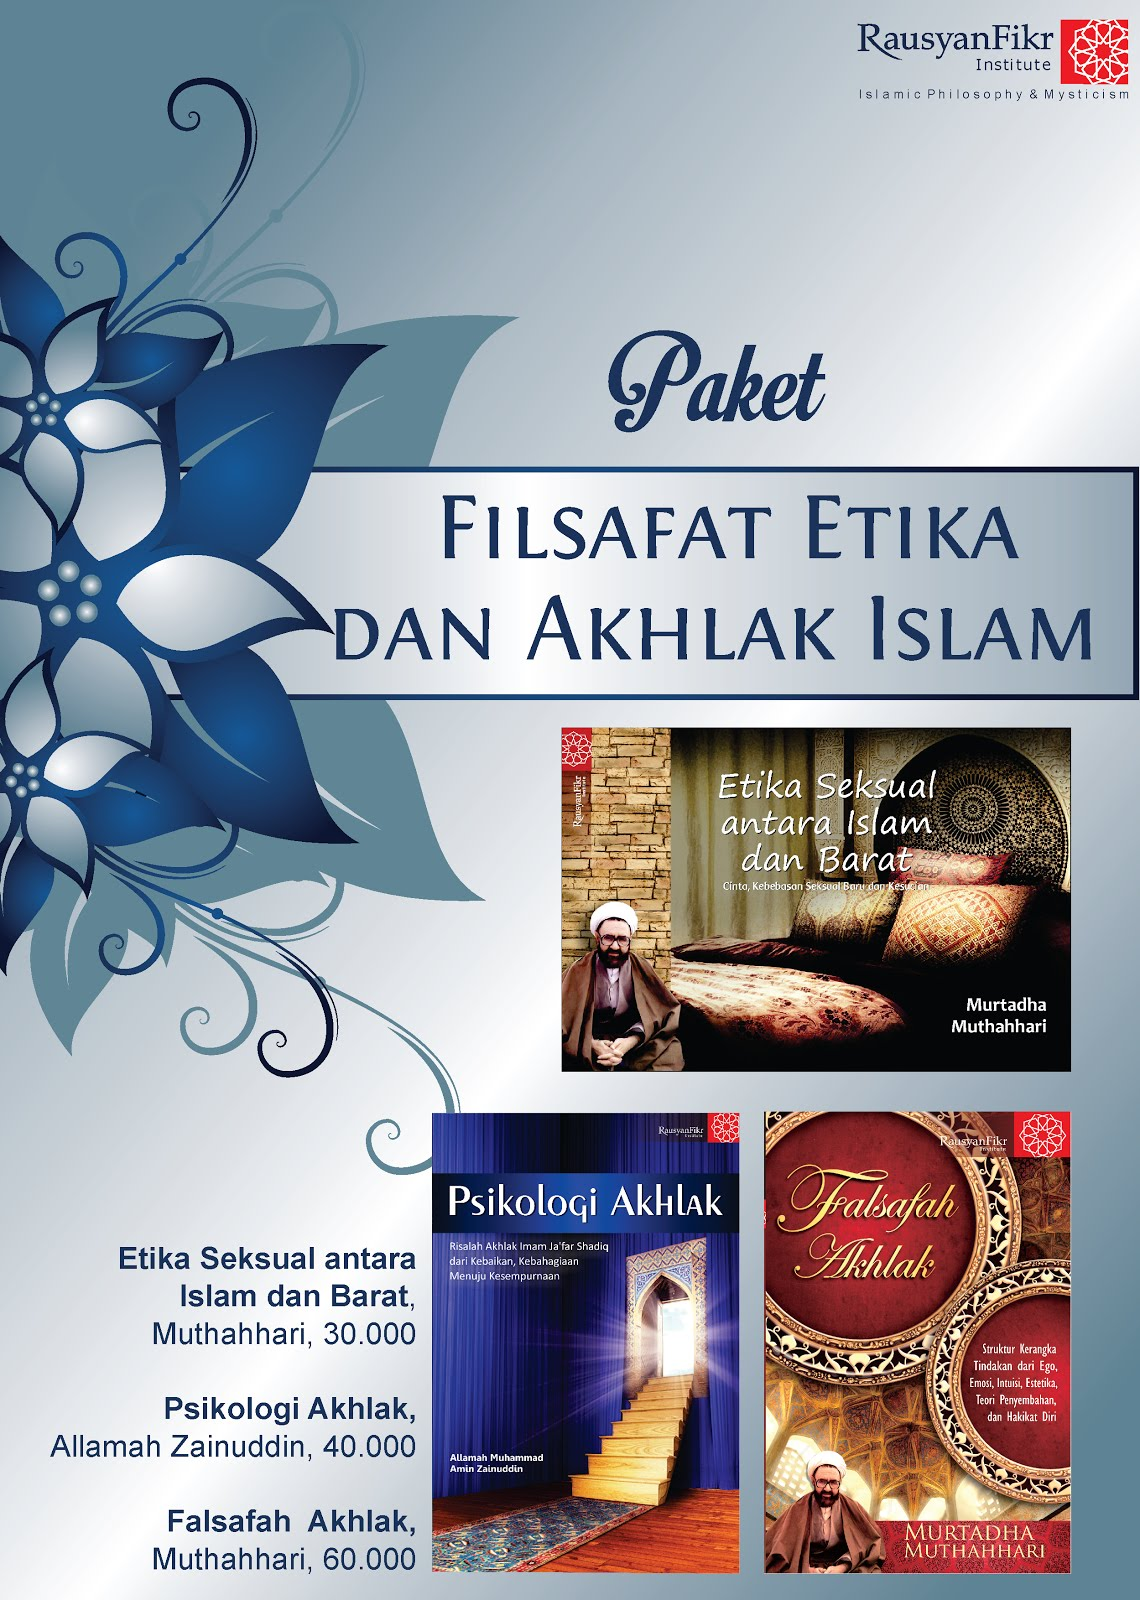 Paket Filsafat Etika dan Akhlak Islam Rp. 79.000